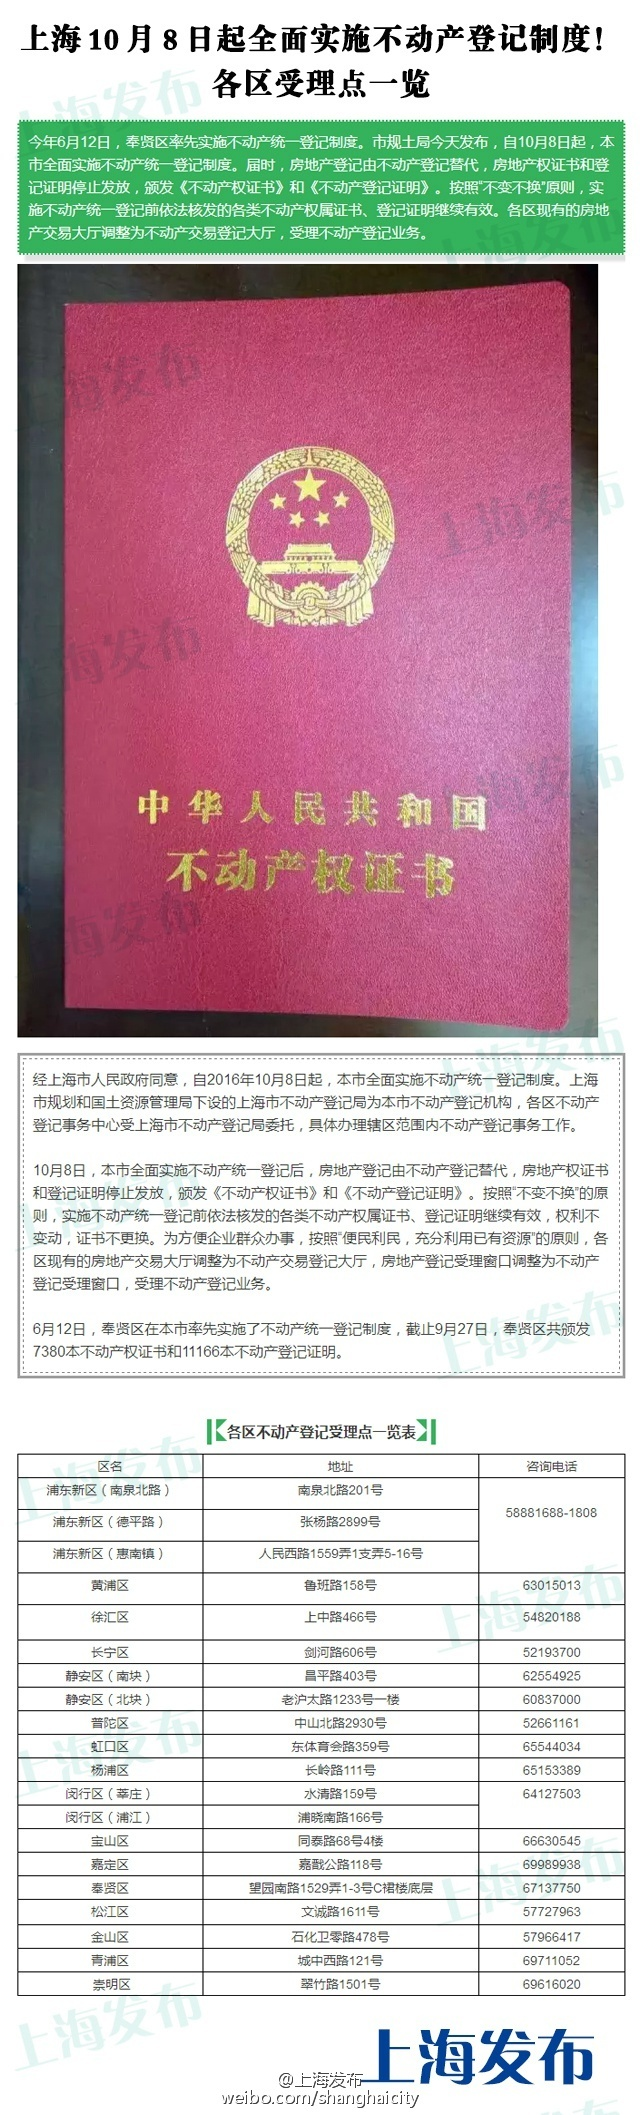 上海:明起实施不动产统一登记 房地产权证书停发,嗜血撒旦惹火妻